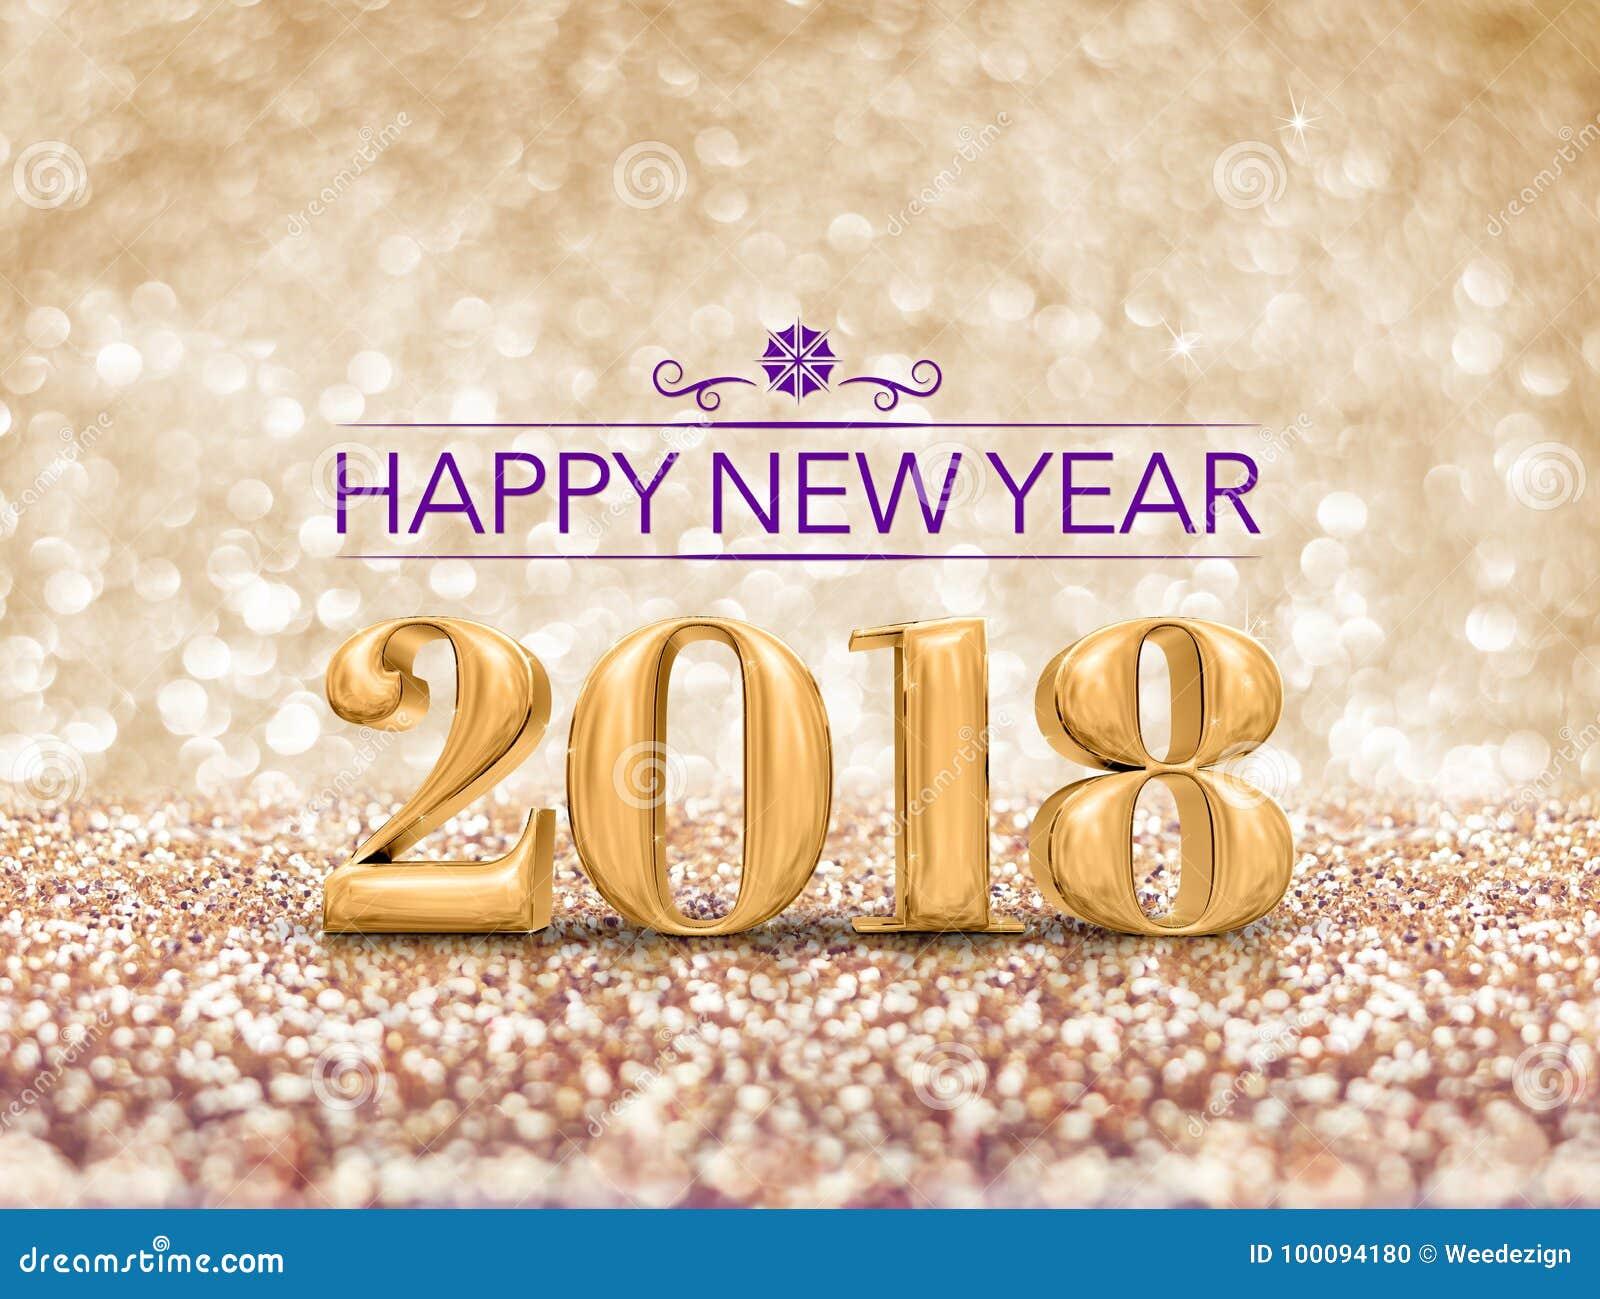 Ano Novo Feliz 2018 A Rendição Do Número 3d Do Ano Na